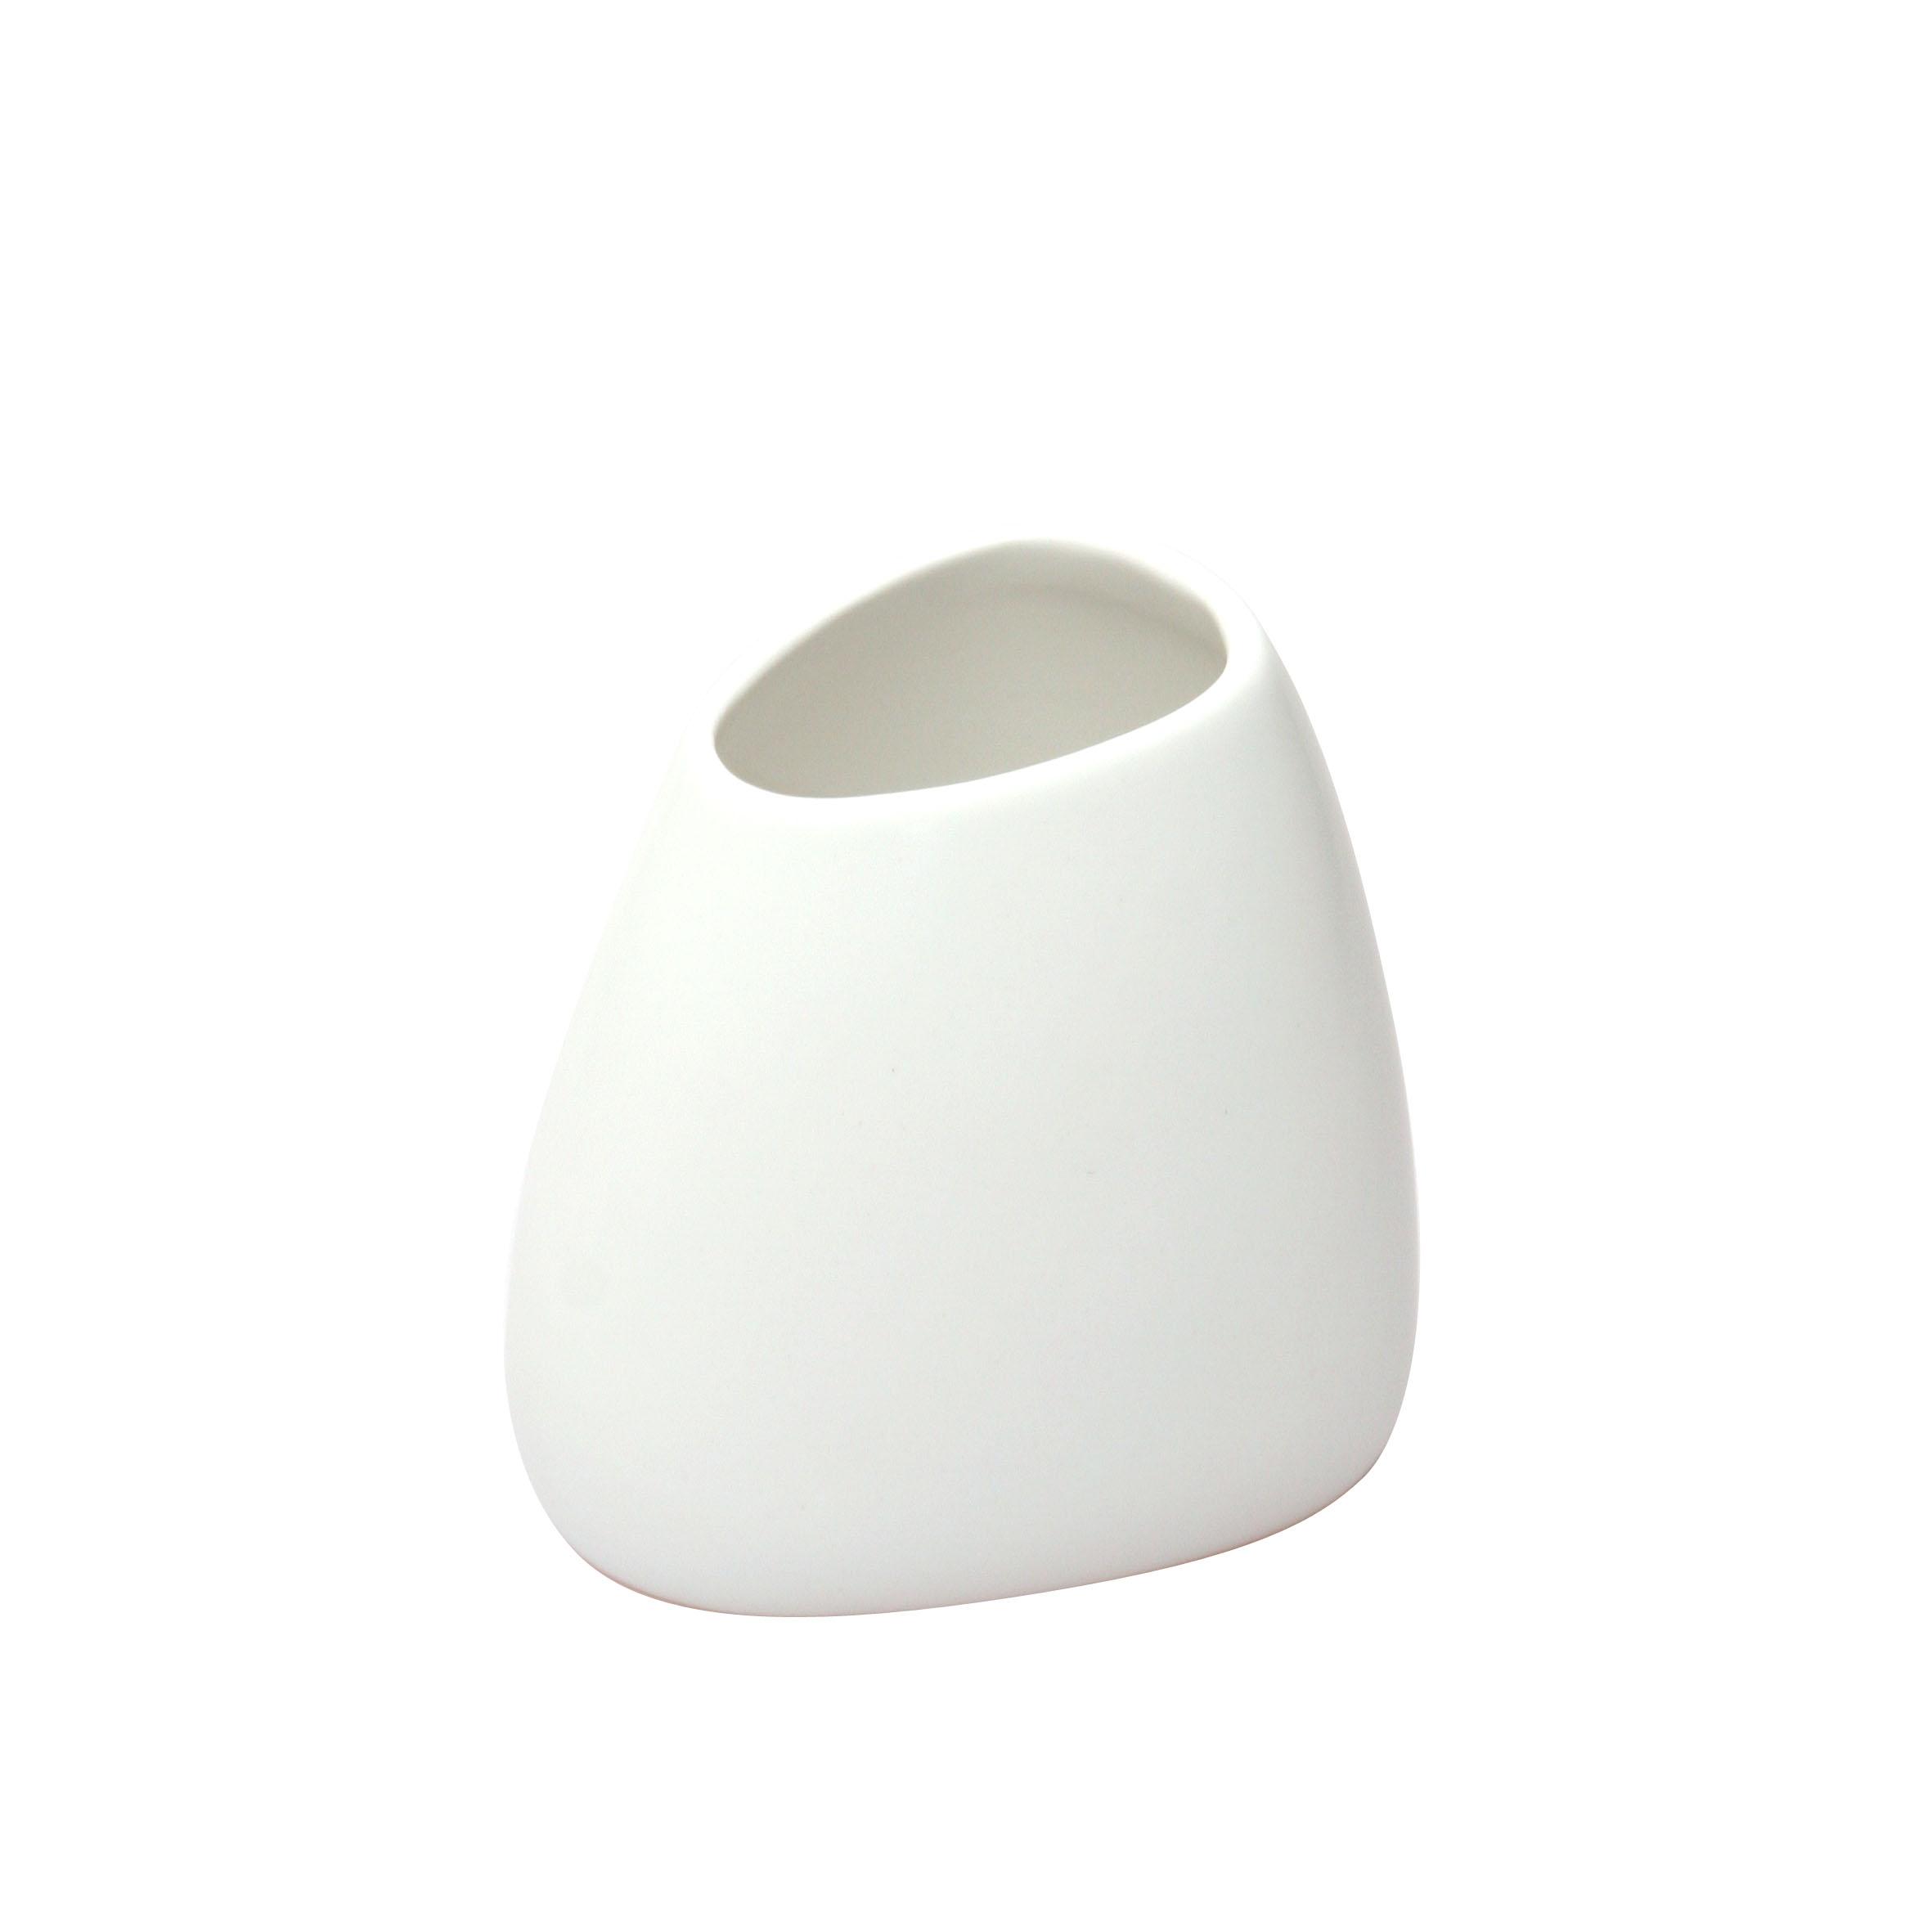 Стакан для зубных щеток Axentia LassloNLED-452-9W-BKСтакан для зубных щеток Axentia Lasslo выполнен из матовой керамики оригинальной формы. Изделие превосходно дополнит интерьер ванной комнаты.